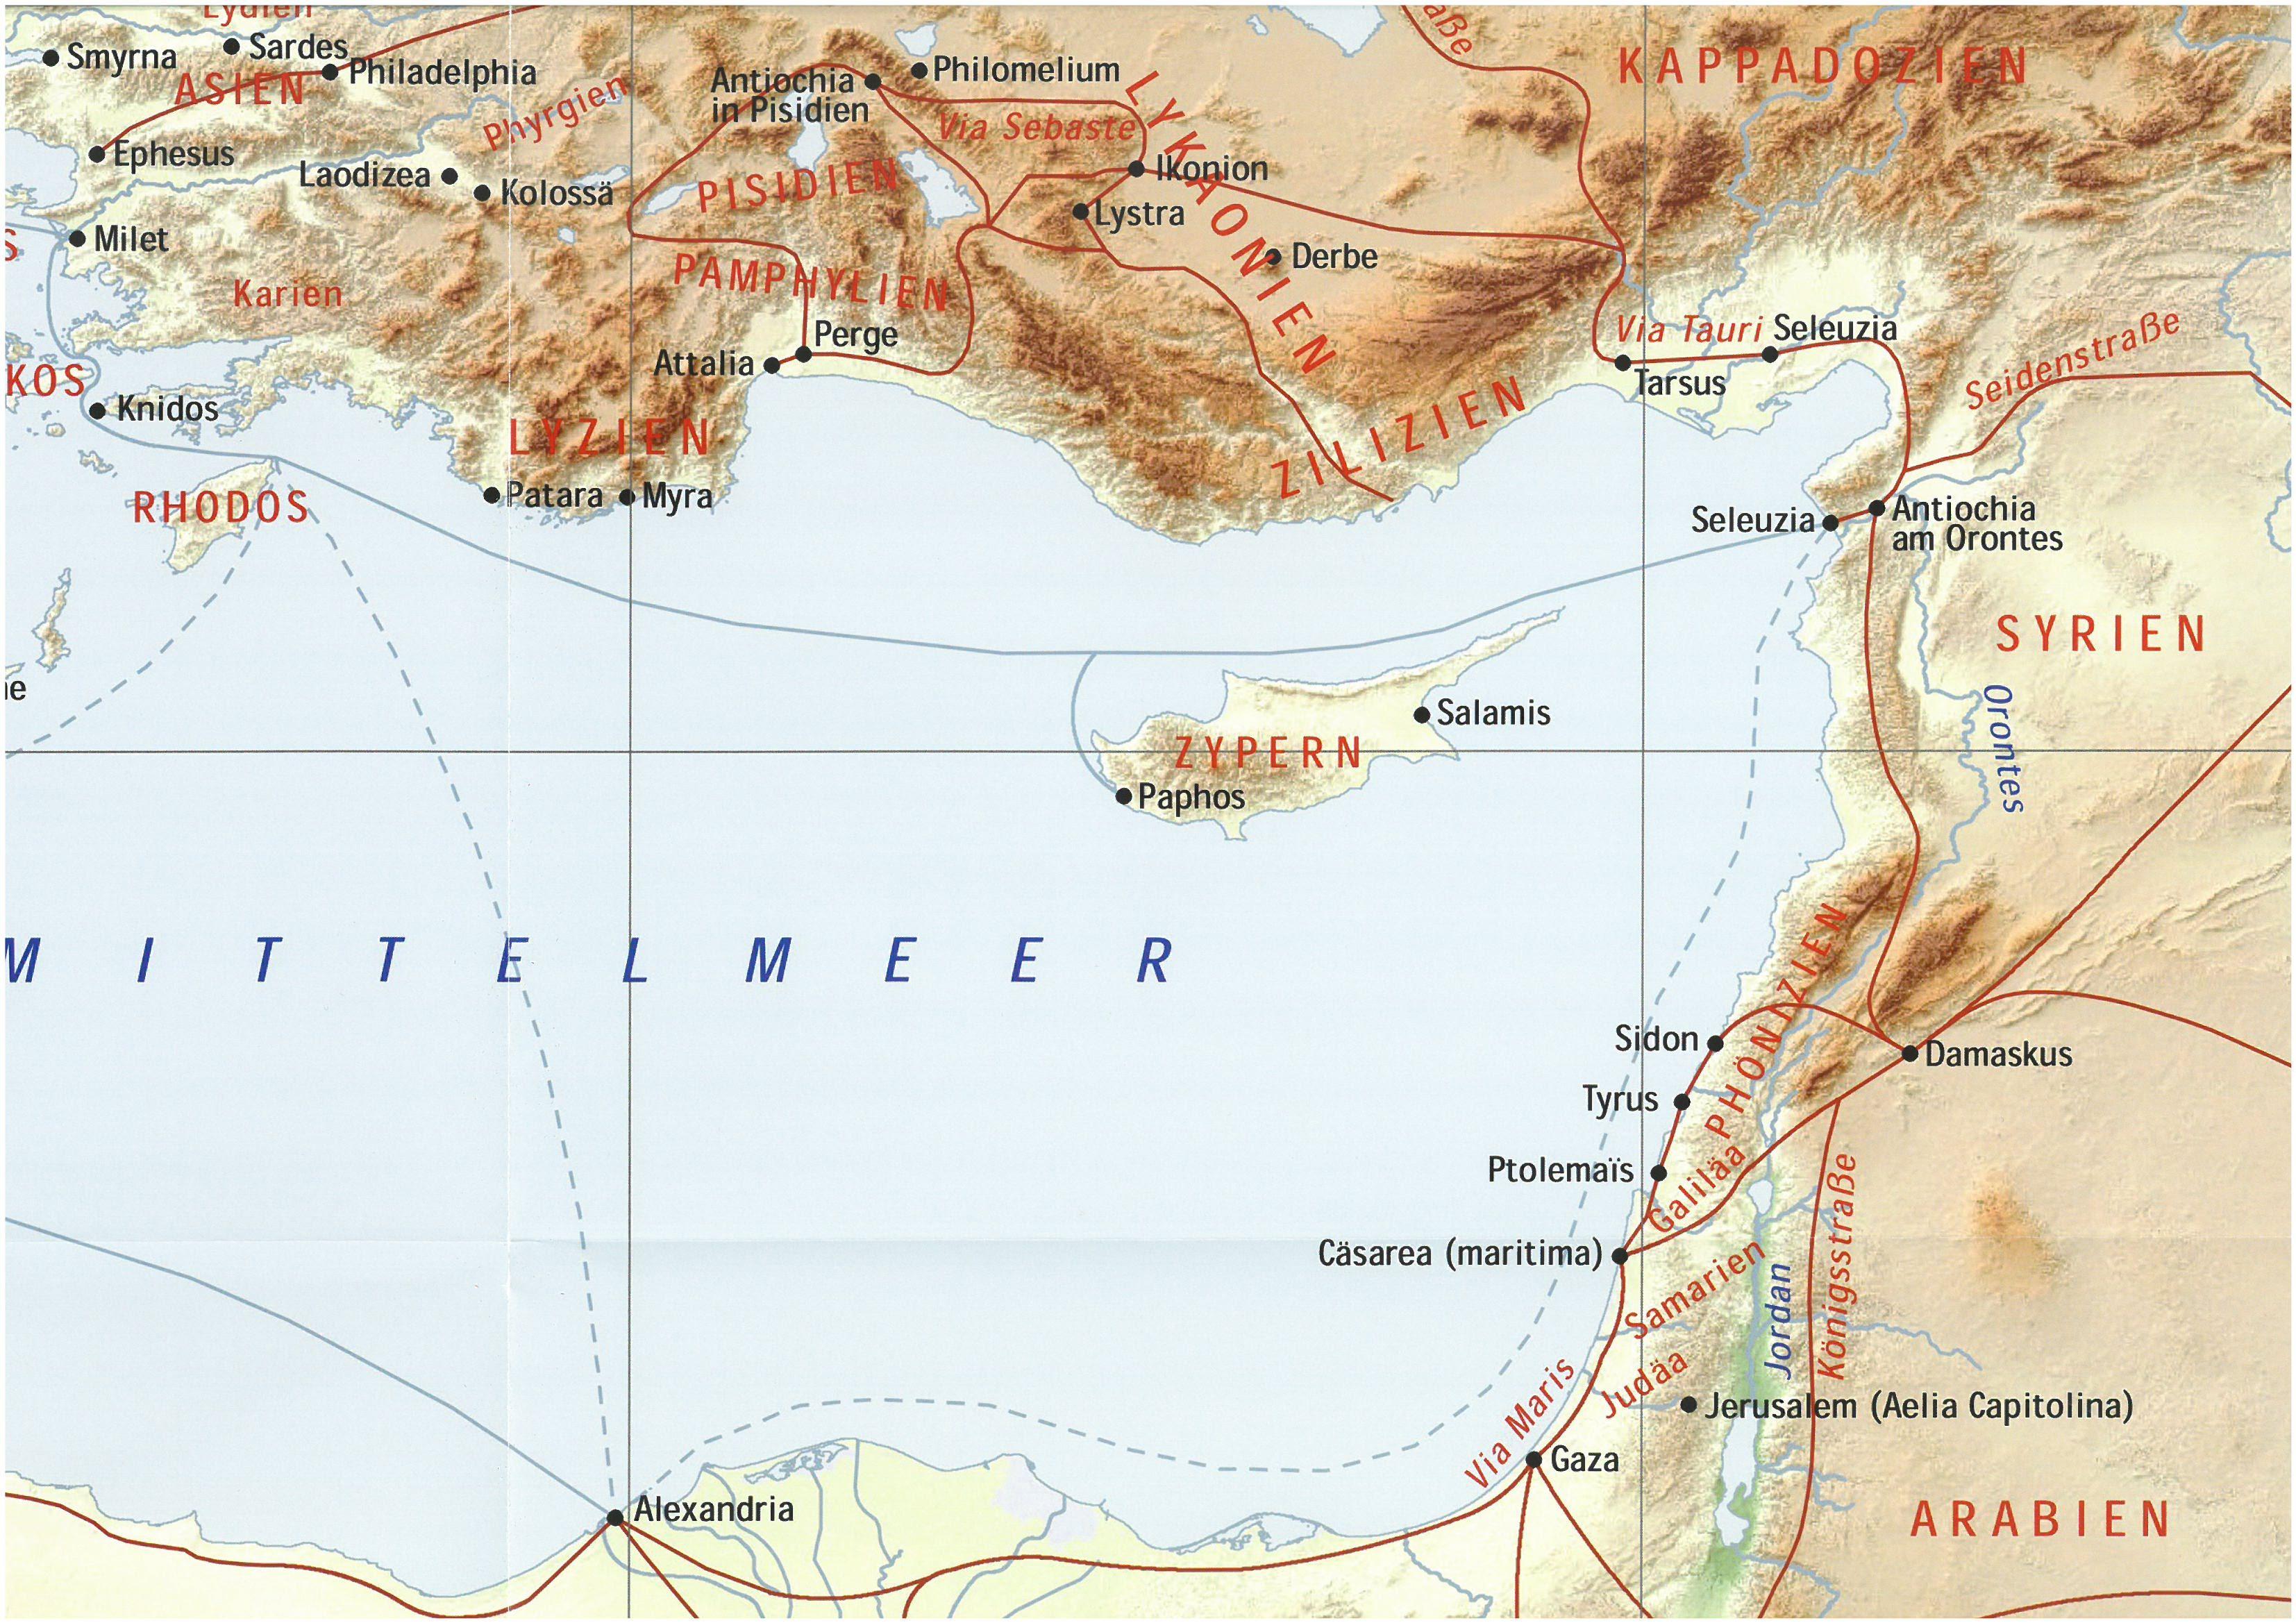 Jerusalem Karte Welt.Bibelatlas Landkarten Israel Wandkarten Israel